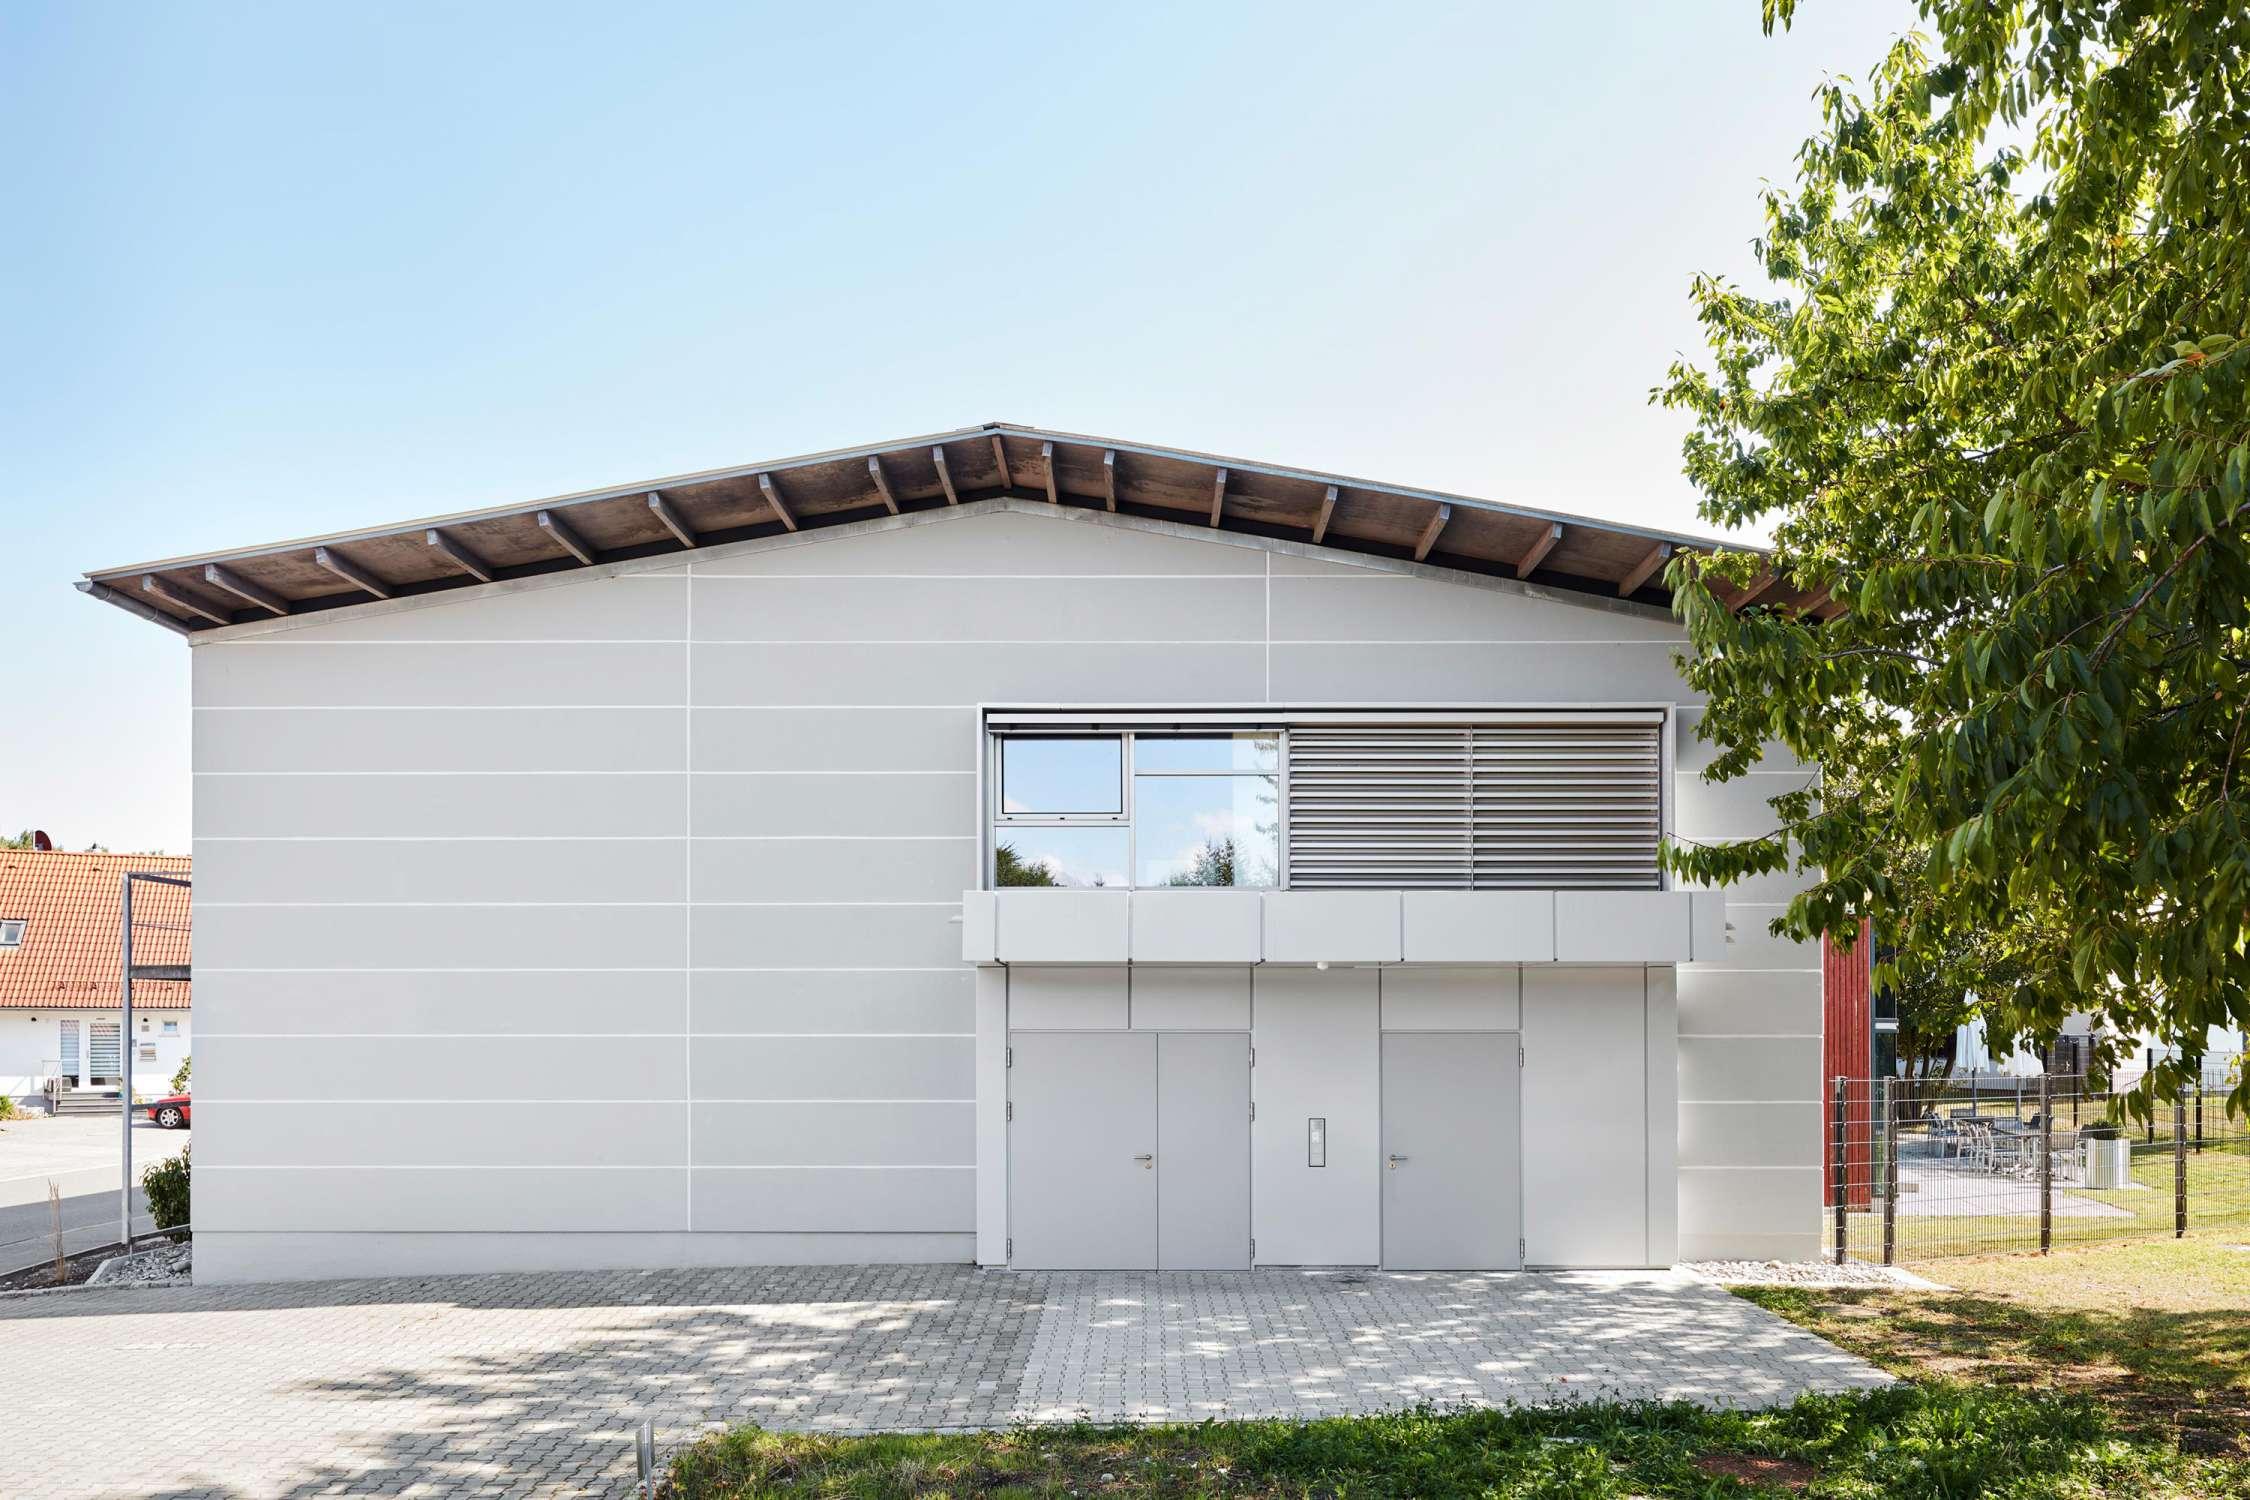 Umbau von Laborräumen zu Musterbauhalle für Einmalinstrumente (4)